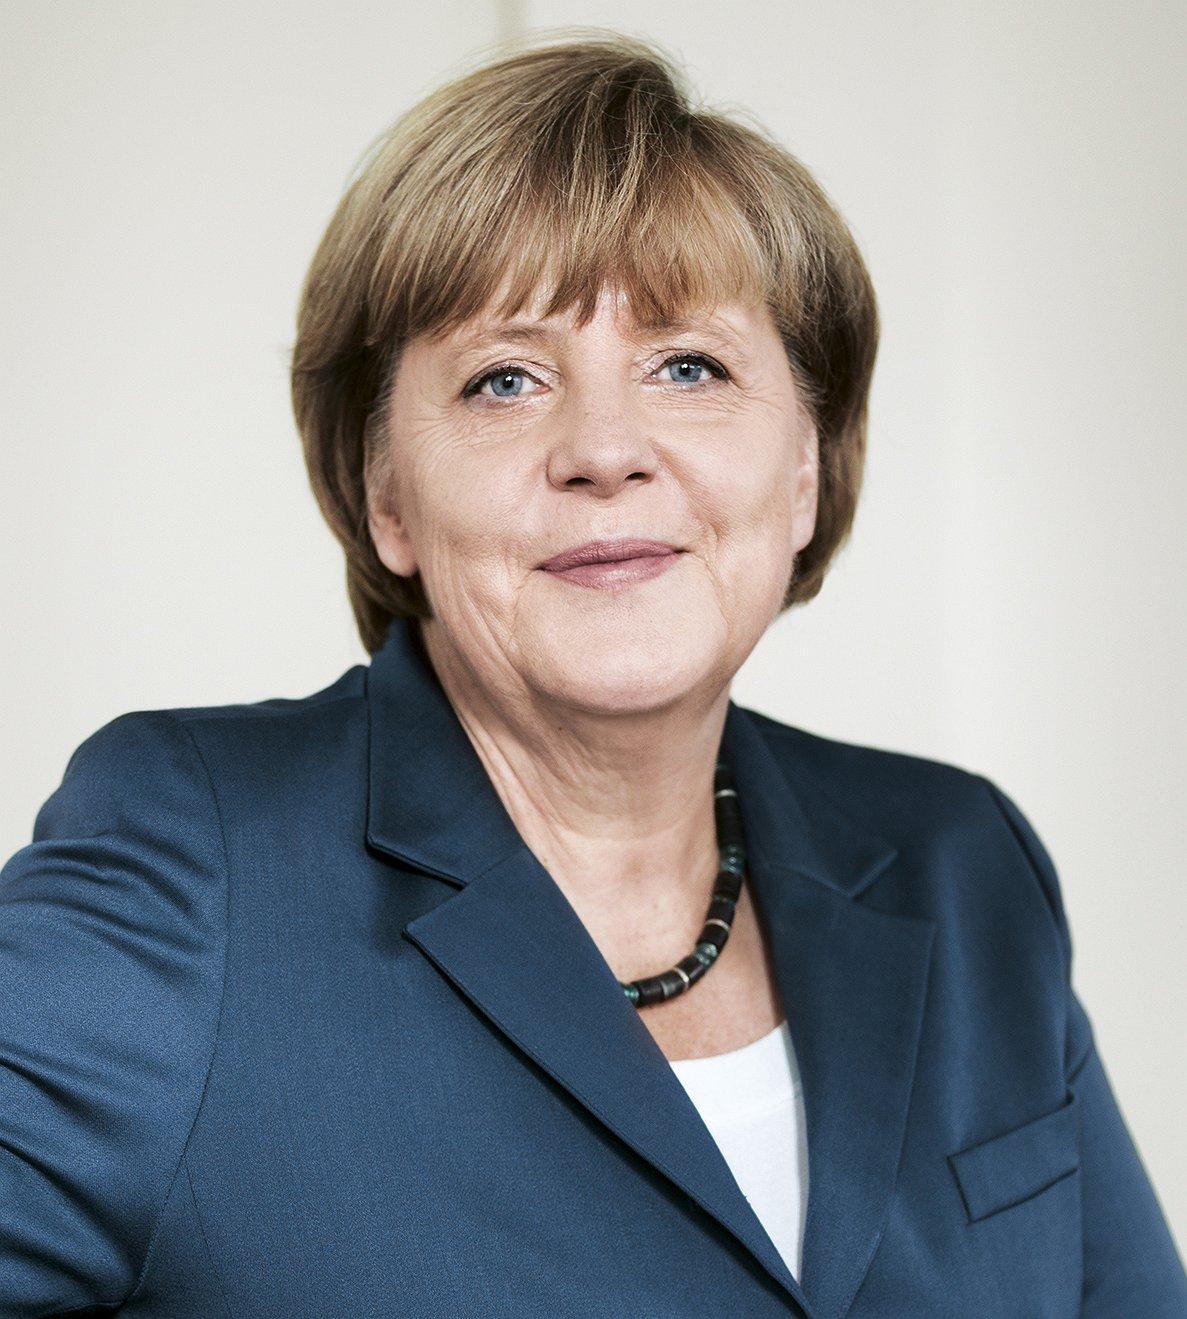 Het Opiniepanel | Opengesteld huwelijk in Duitsland